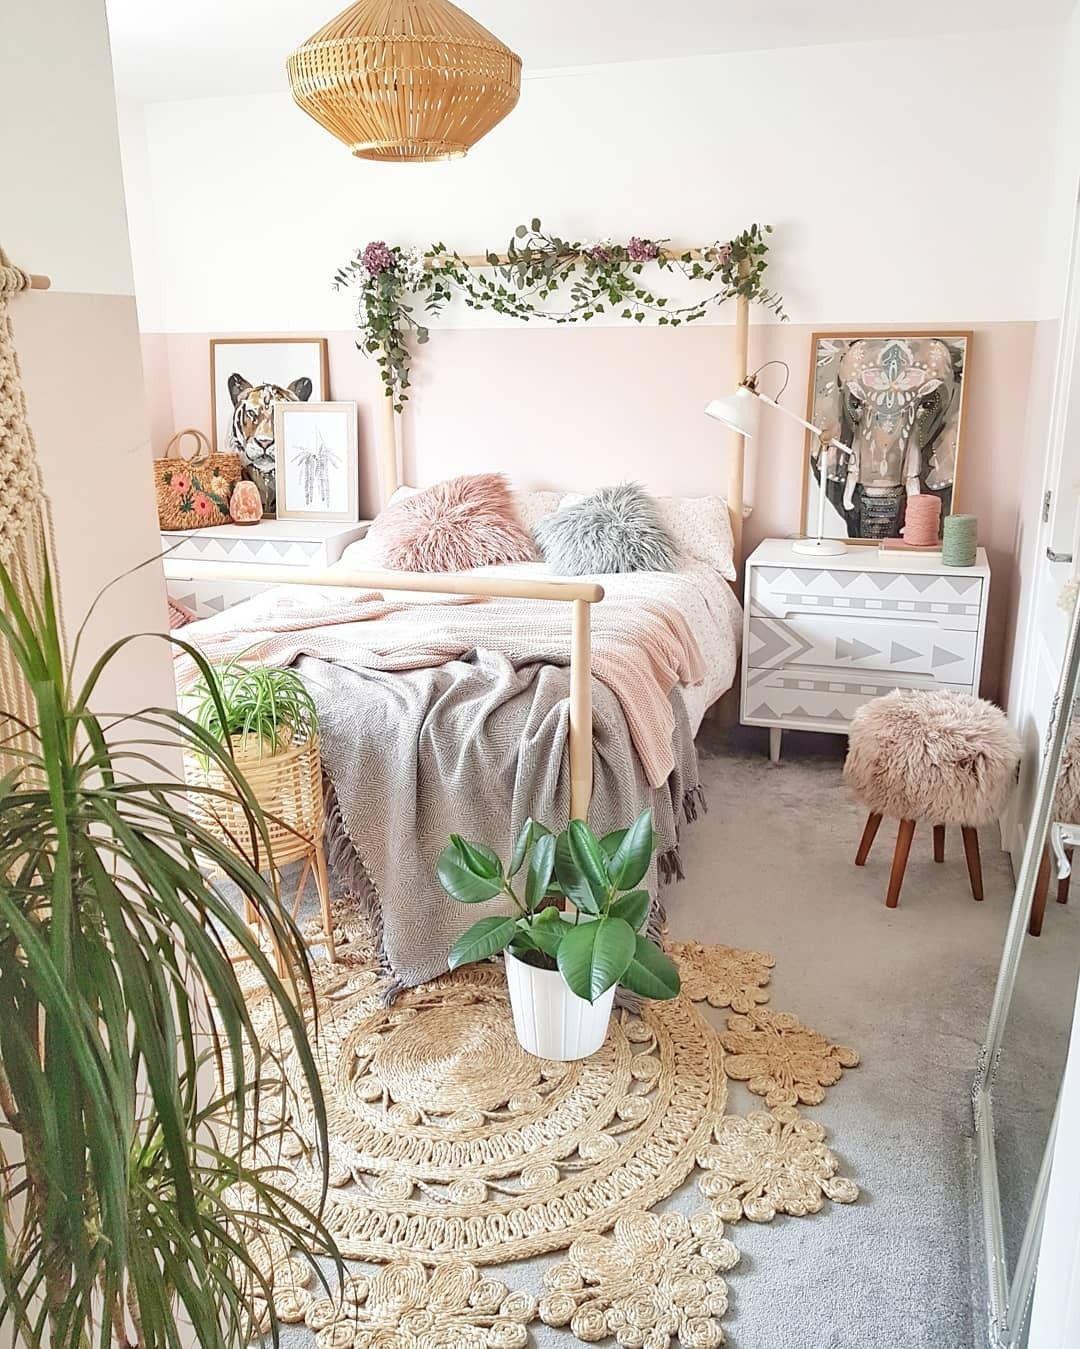 Beautify Your Home Bohemian Style Beds Een Slaapkamer Inrichten Slaapkamerdesigns Ideeen Voor Thuisdecoratie